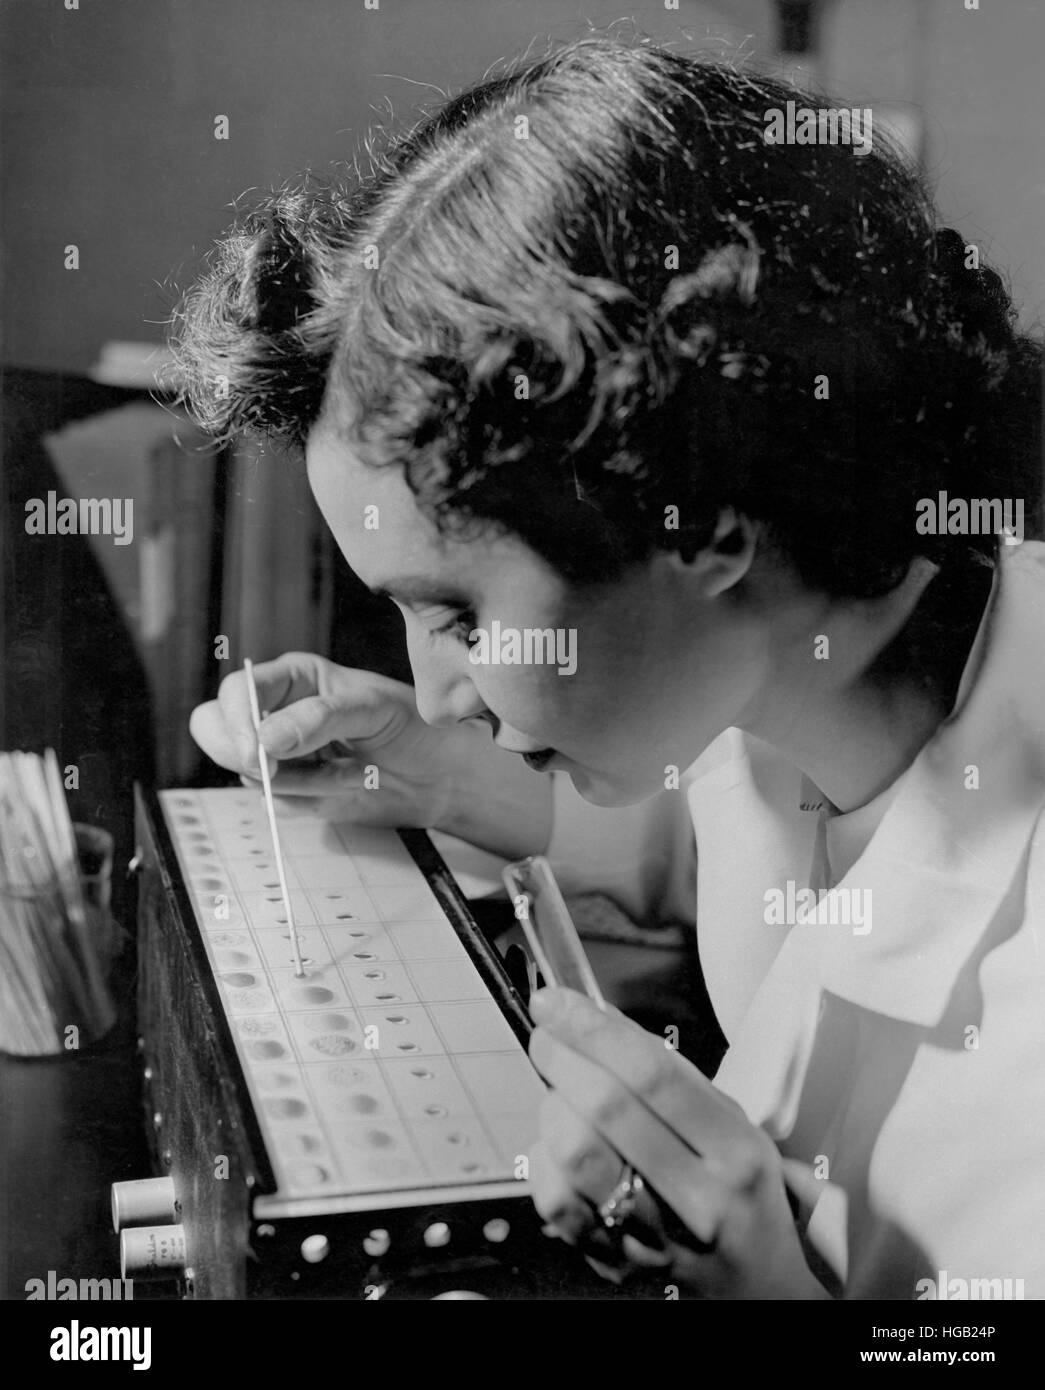 Technicien de laboratoire d'un échantillon de sang afficher la saisie, 1957. Photo Stock